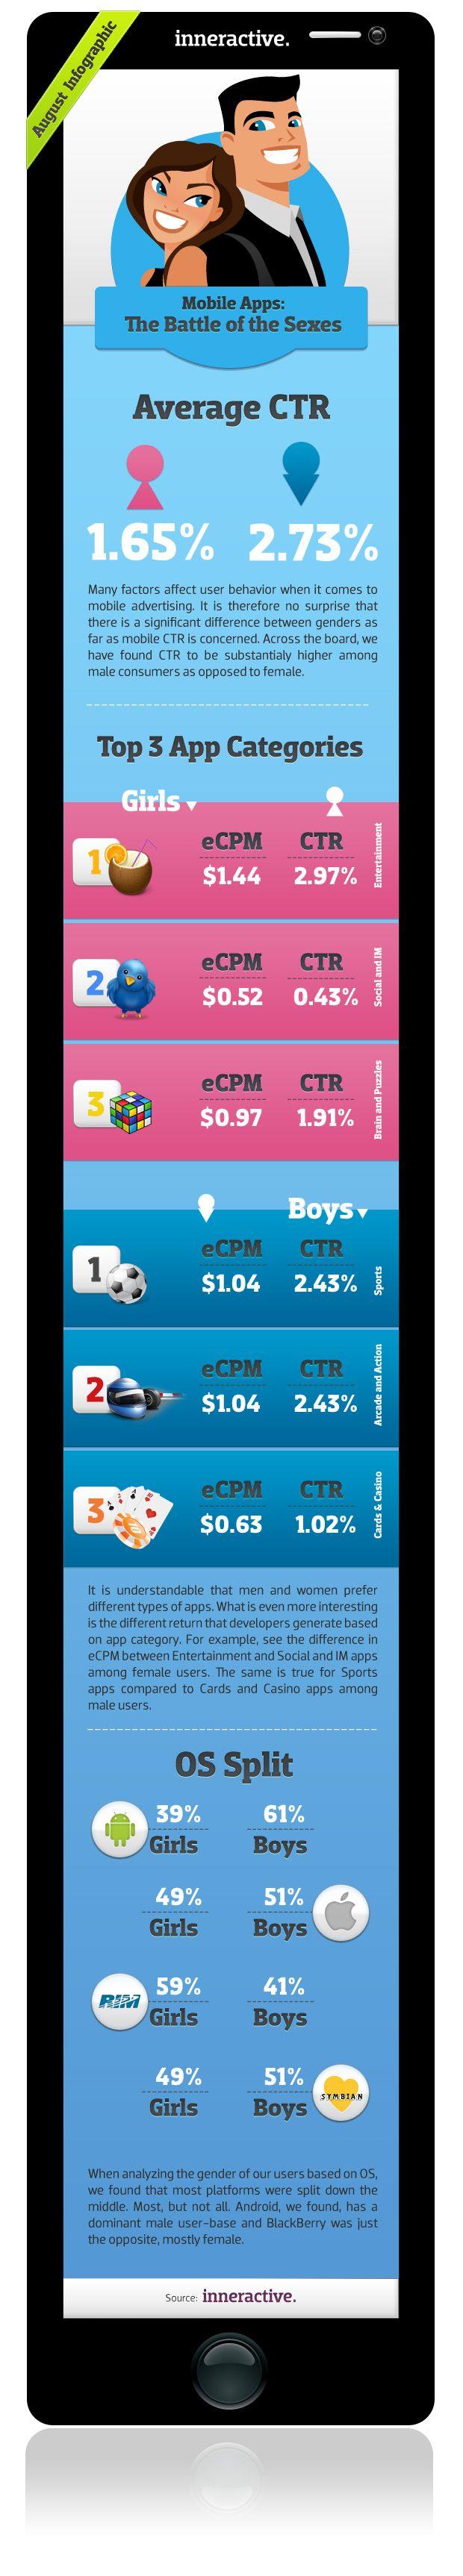 Infografía móviles según sexo